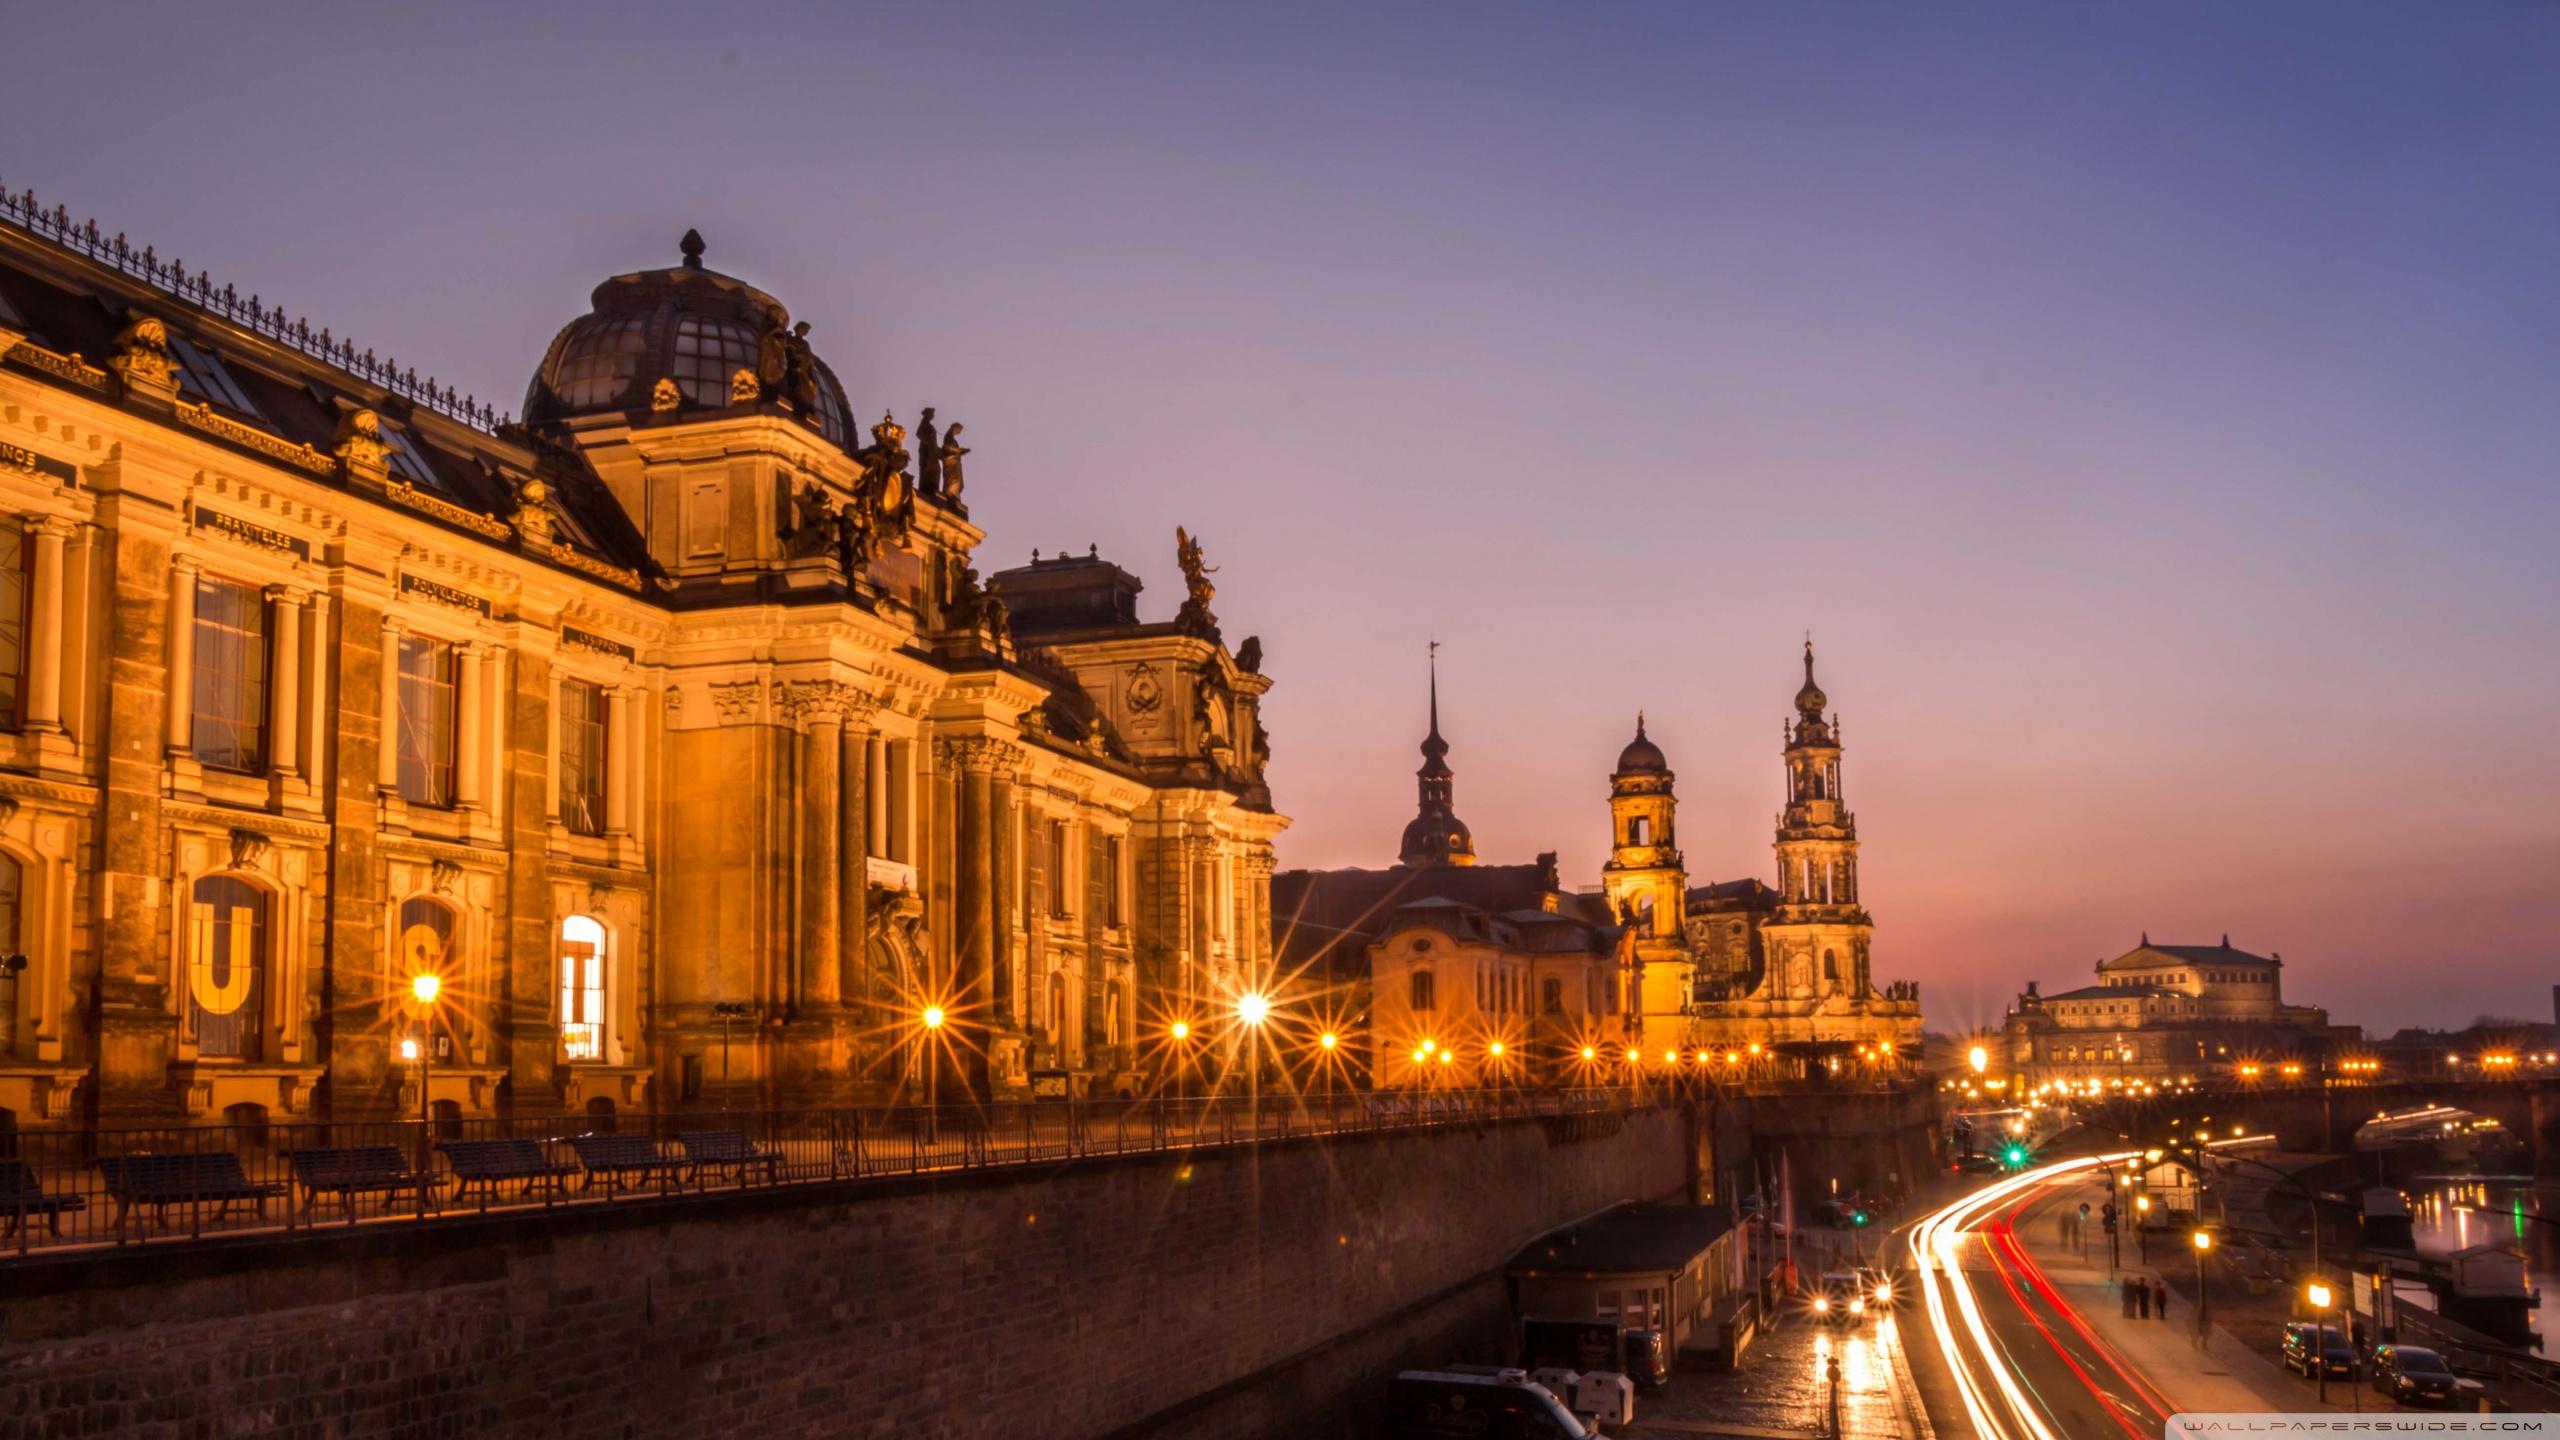 Dresden Wallpaper 21   2560 X 1440 stmednet 2560x1440